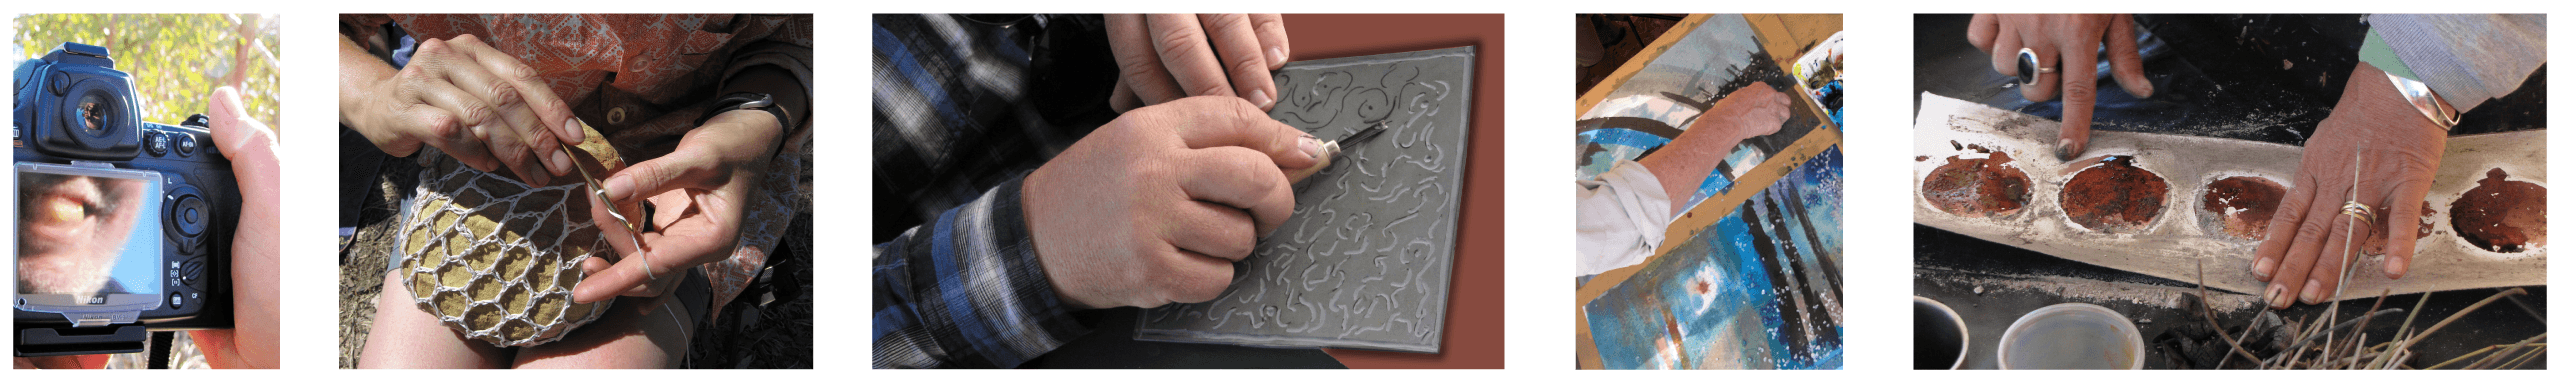 hands making art